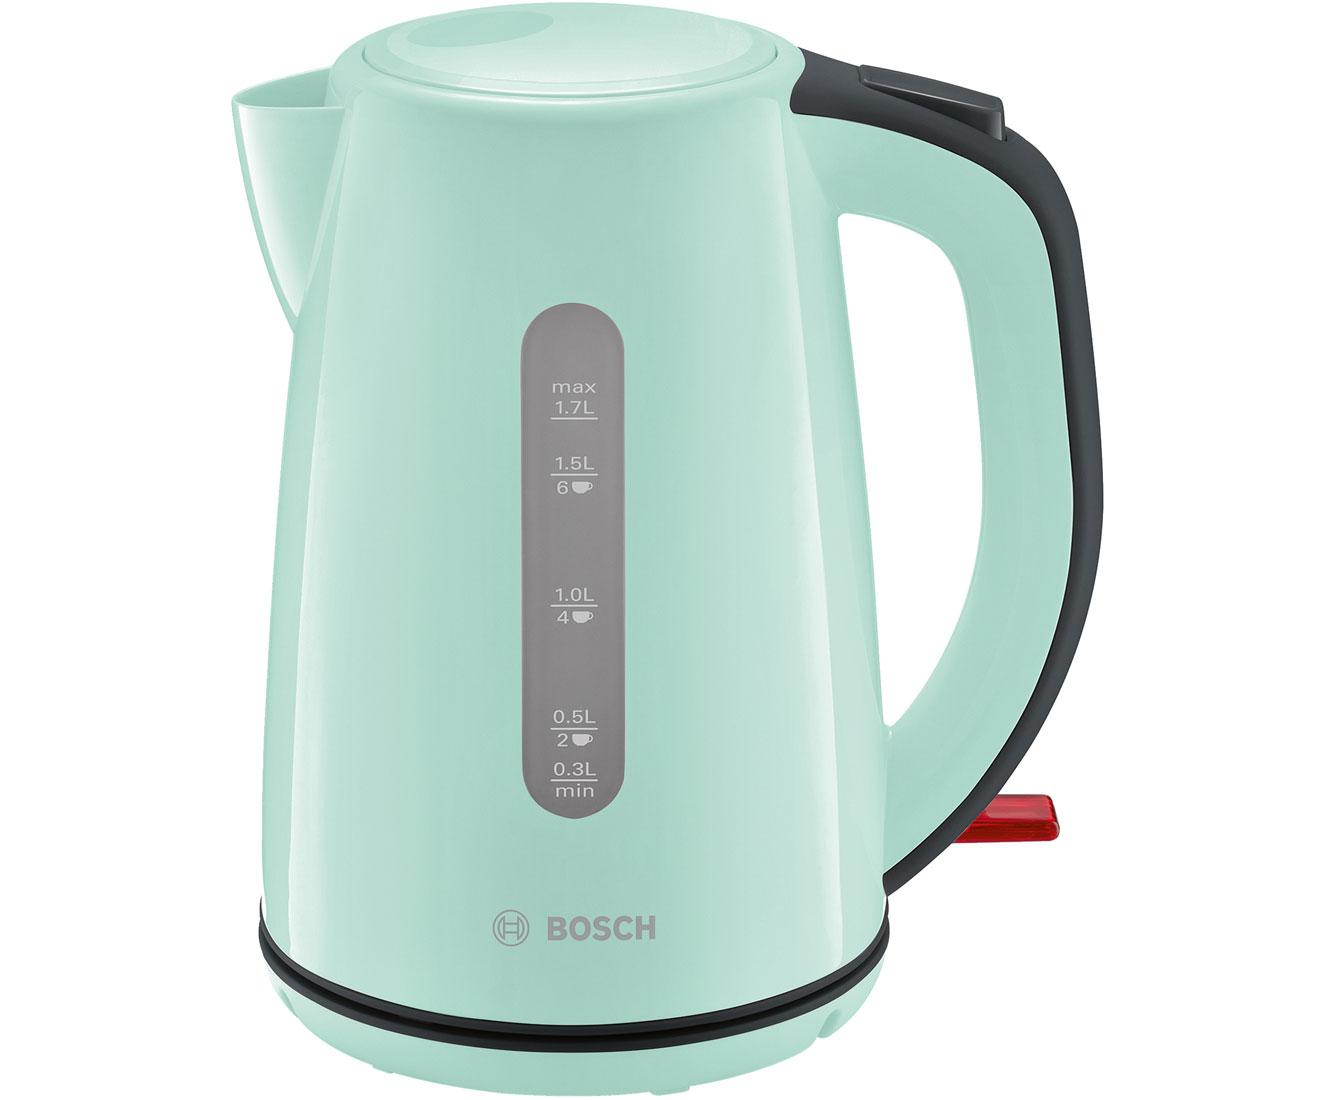 Toaster online kaufen | Möbel-Suchmaschine | ladendirekt.de